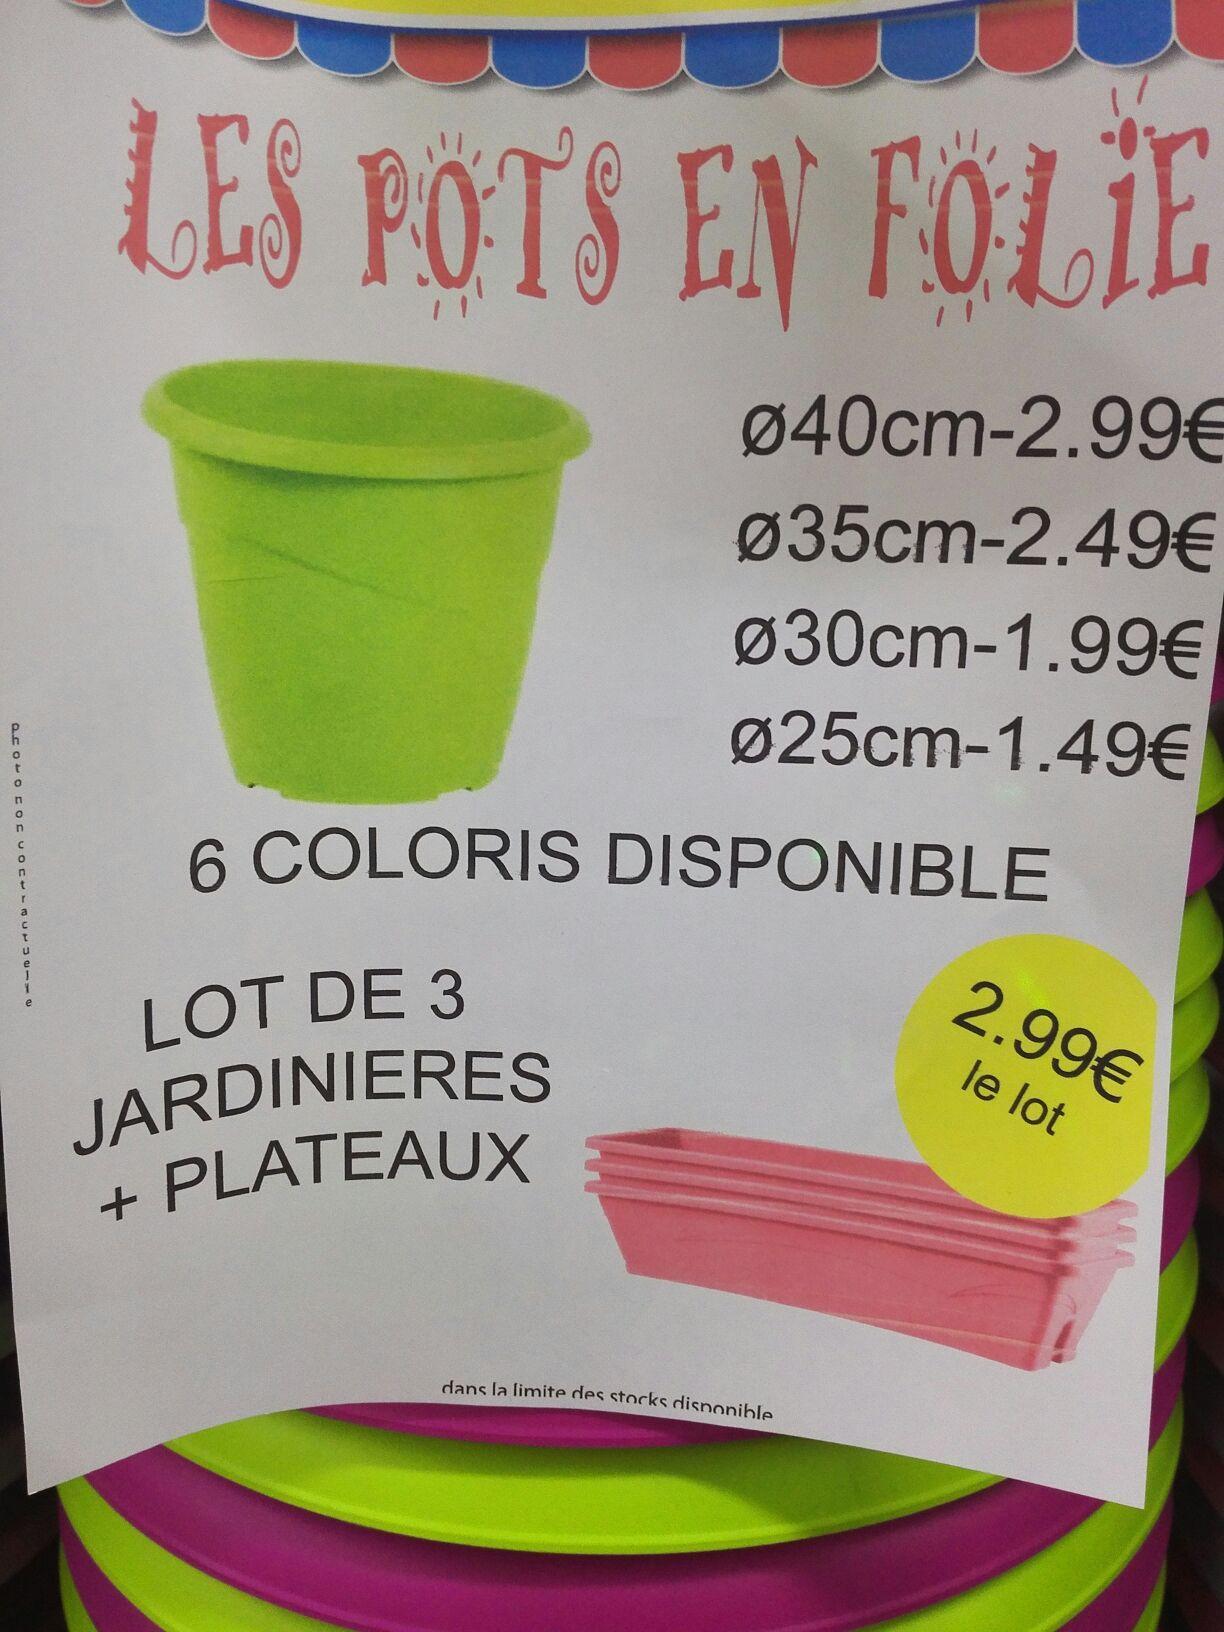 Lot de 3 Jardinières + Plateau